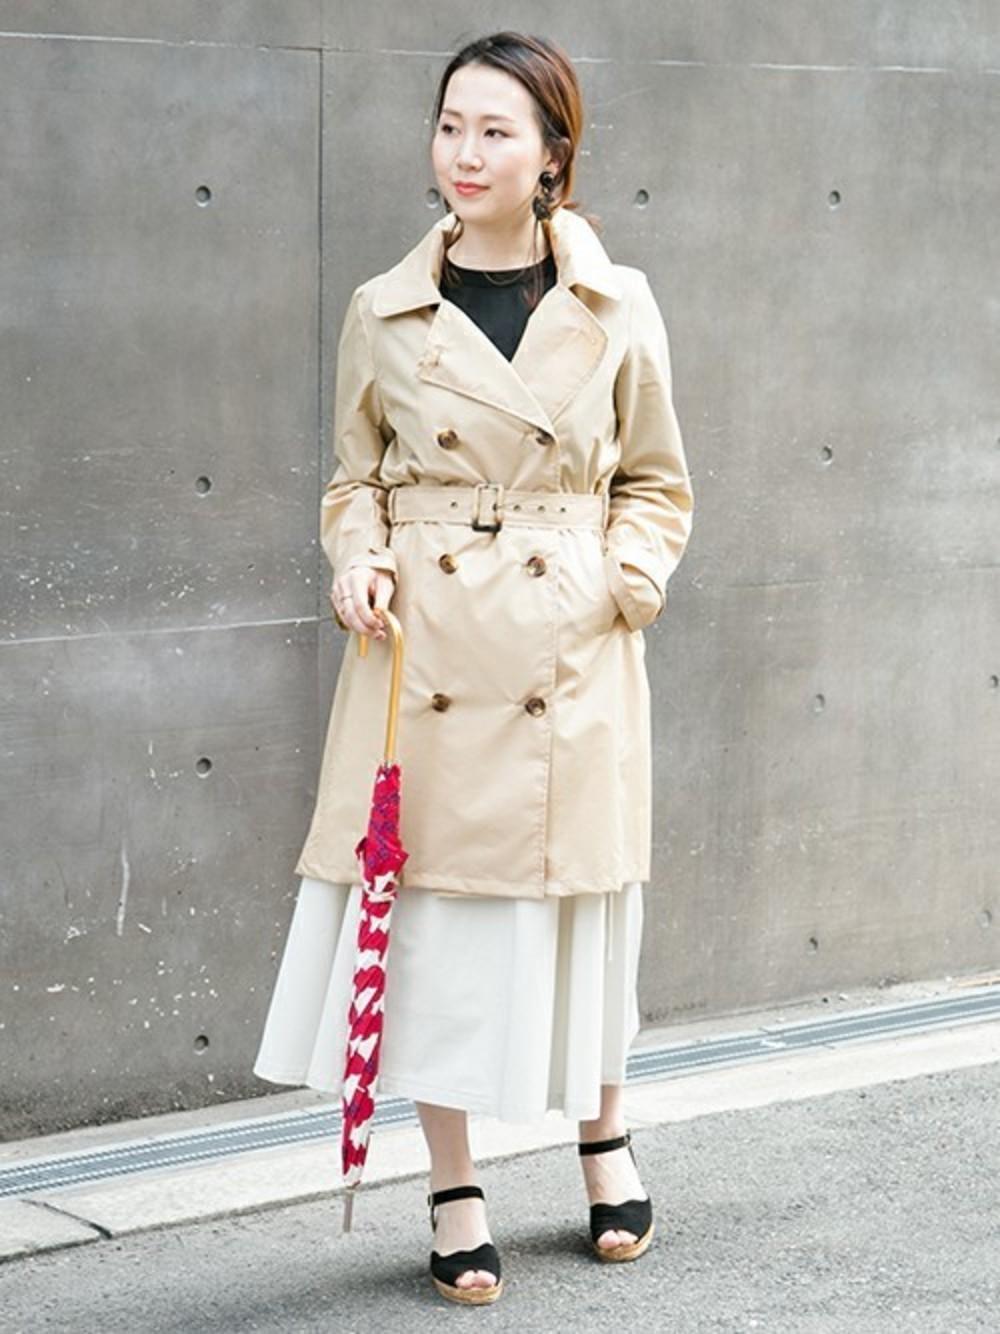 梅雨ファッションの今どきコーデ!手習い帖